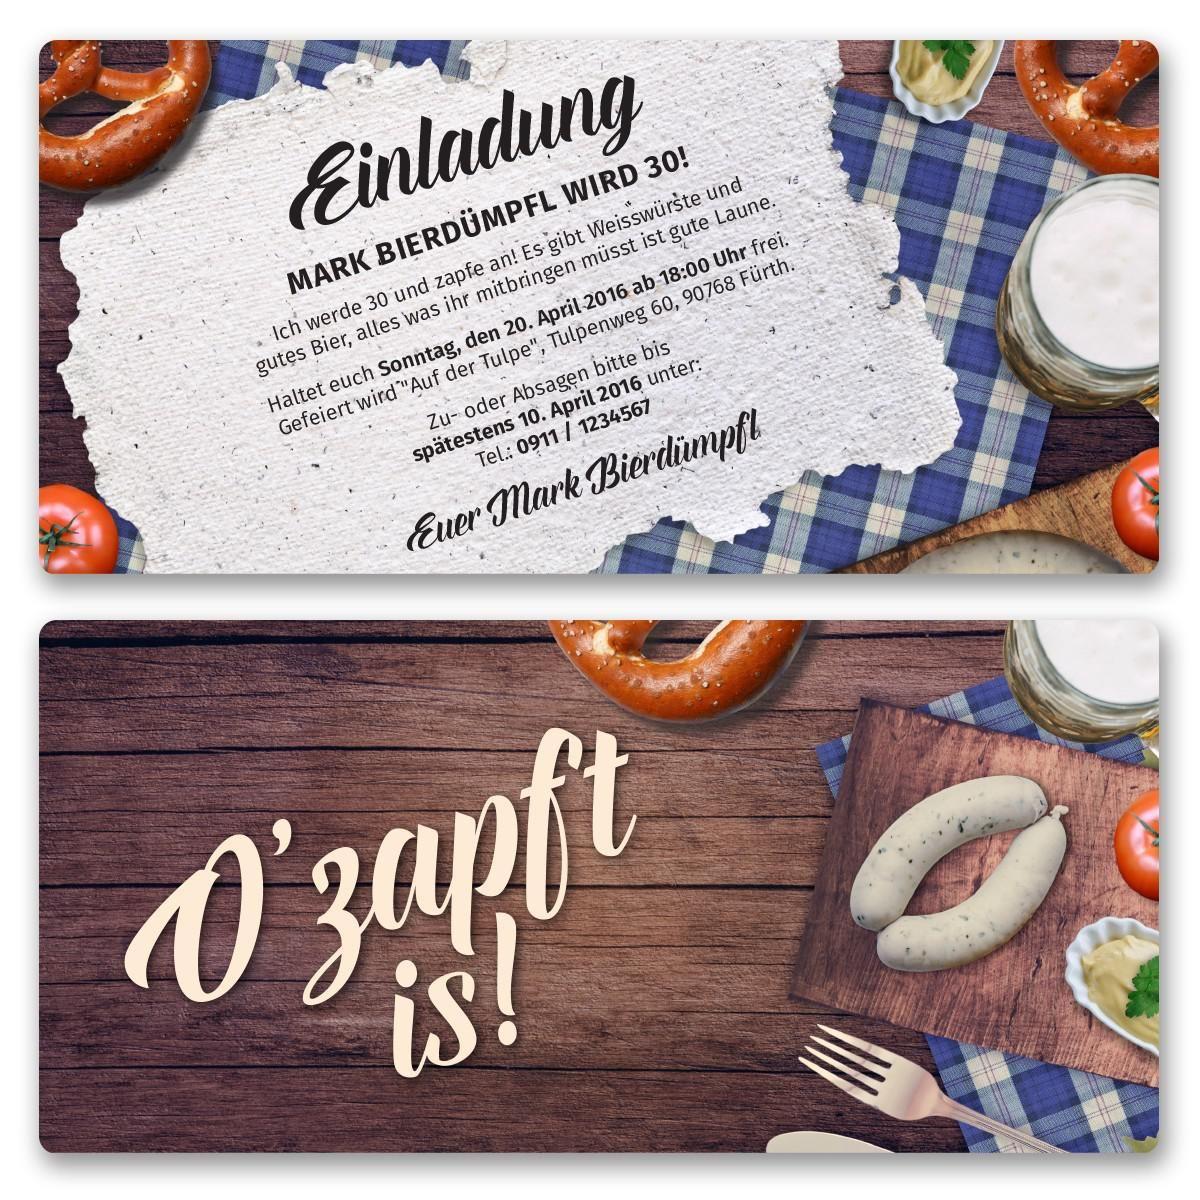 einladungskarten-online-gestalten-kostenlos-ausdrucken | party, Einladungsentwurf